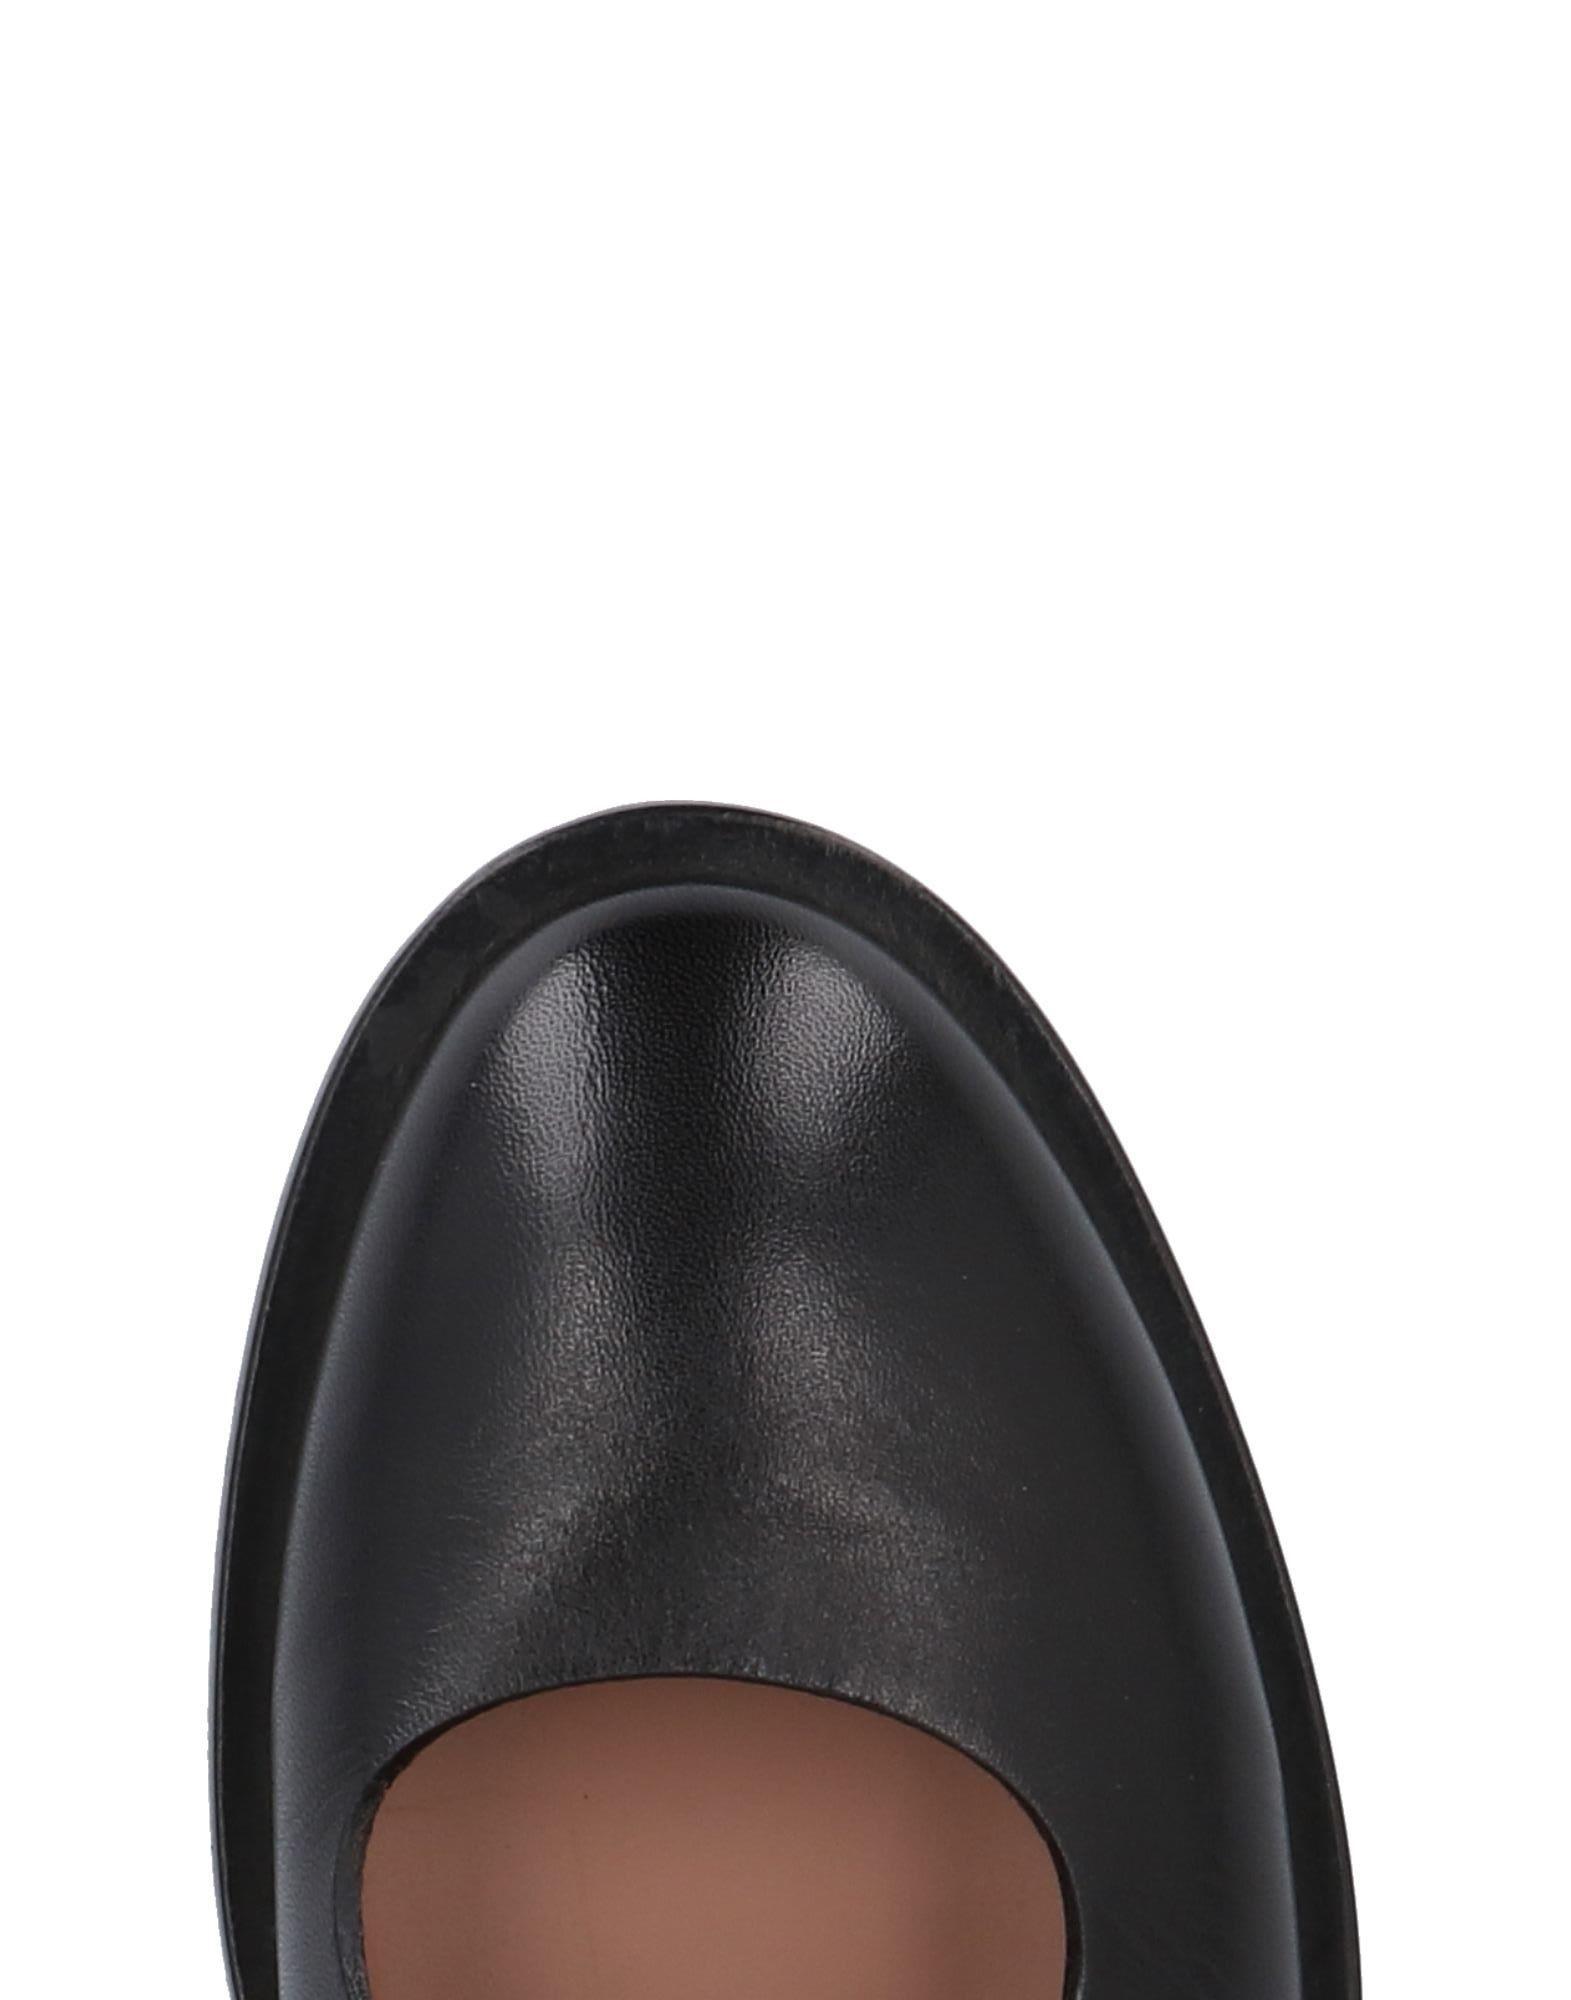 Paul Smith Mokassins Damen  11498748UMGut 11498748UMGut  aussehende strapazierfähige Schuhe d8b4cb